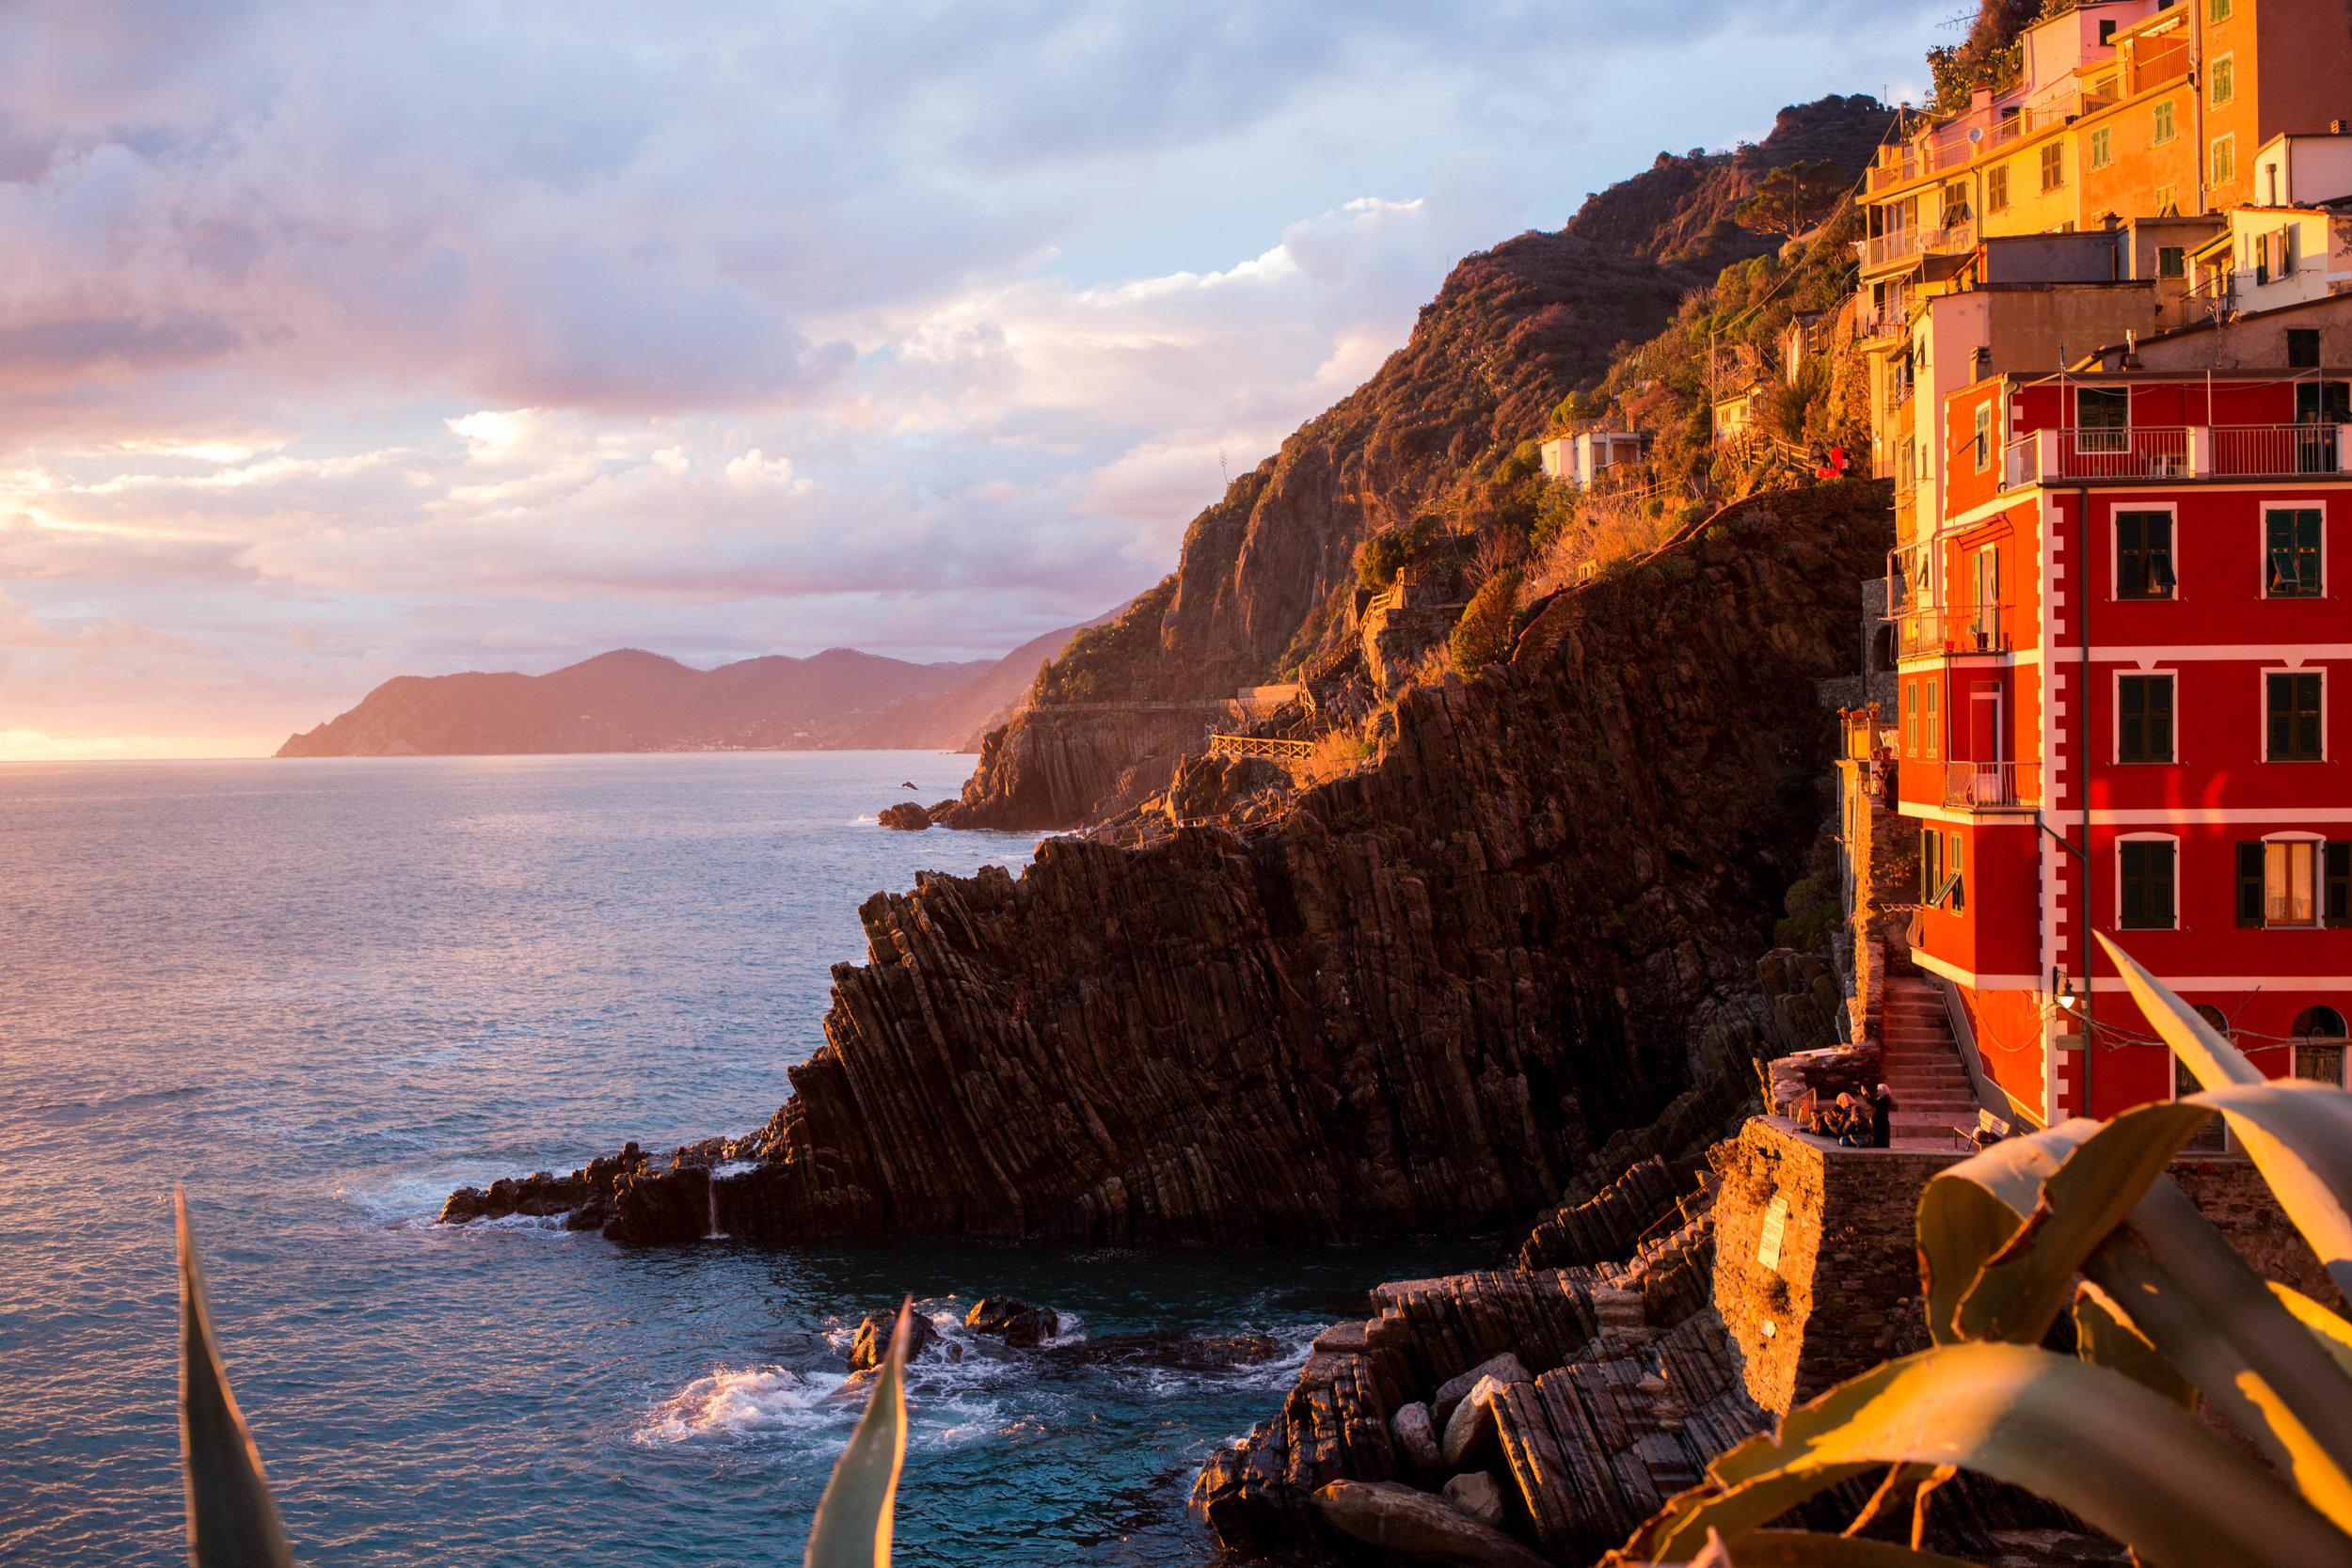 Cinque Terre, Italy - 2018